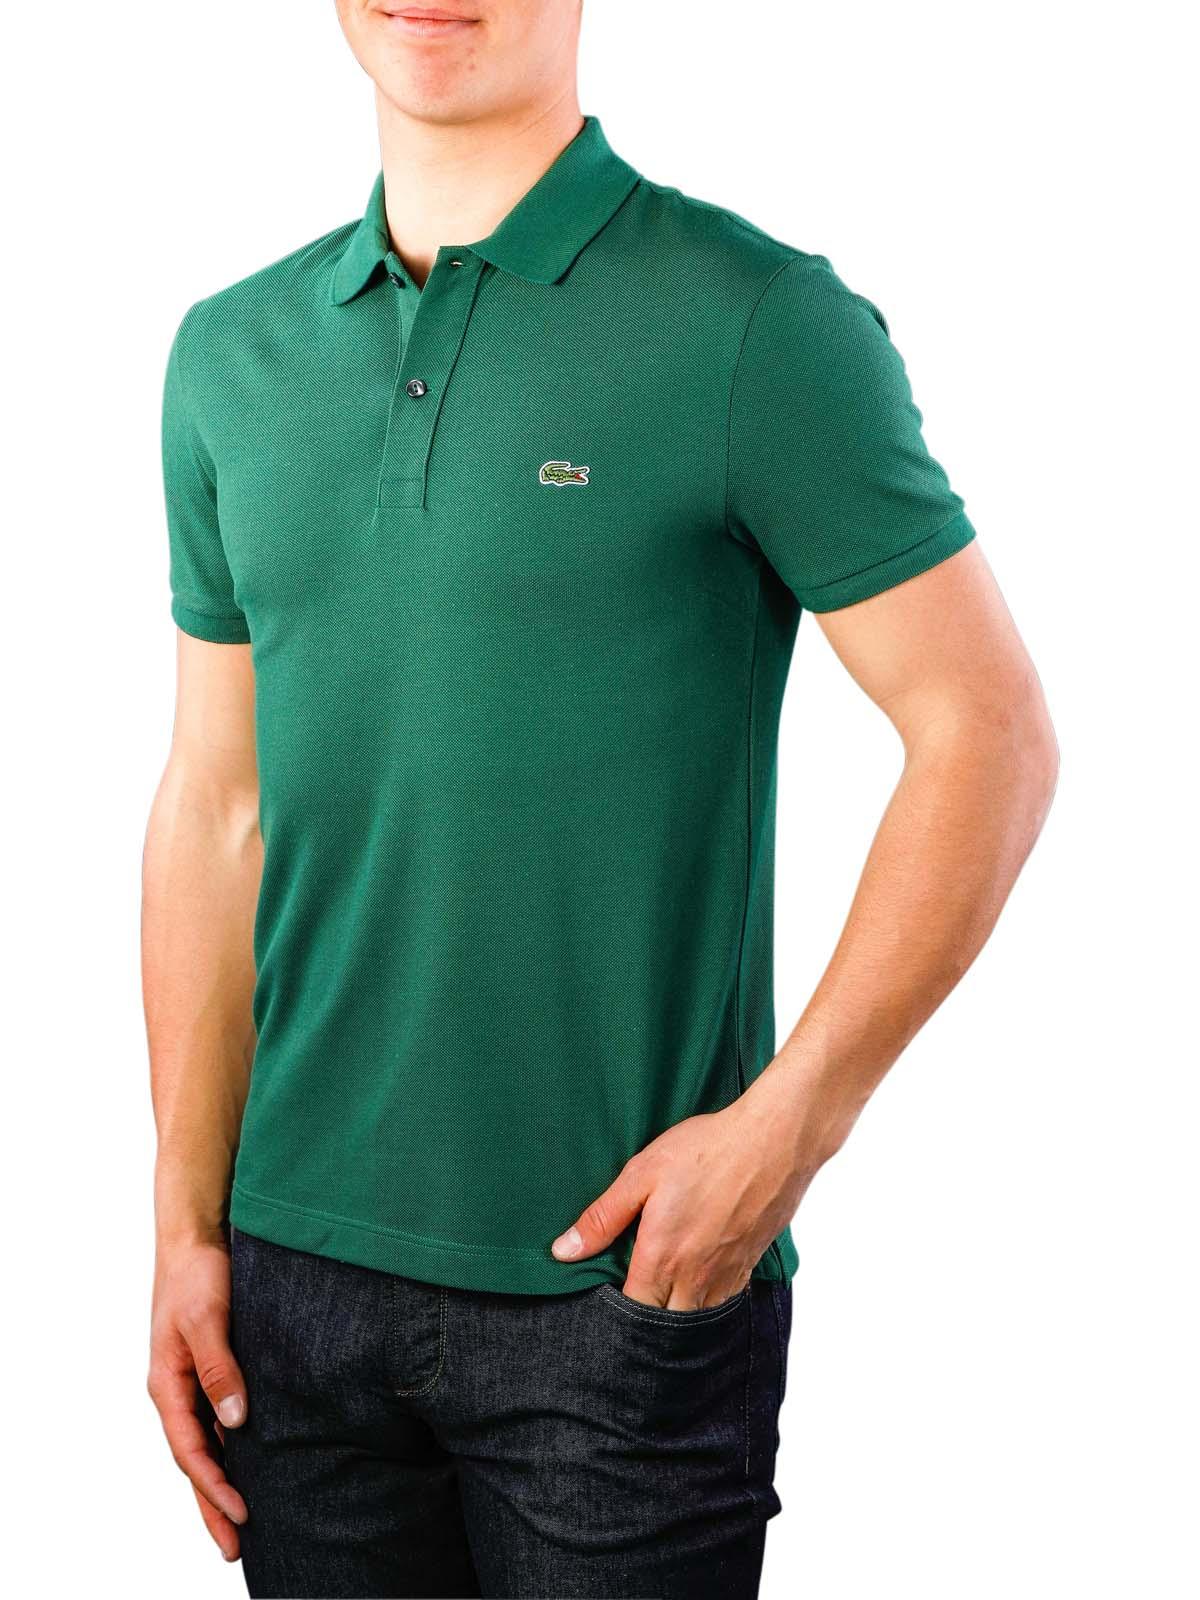 nowe przyloty klasyczne dopasowanie fantastyczne oszczędności Lacoste Polo Shirt Slim Short Sleeves vert S